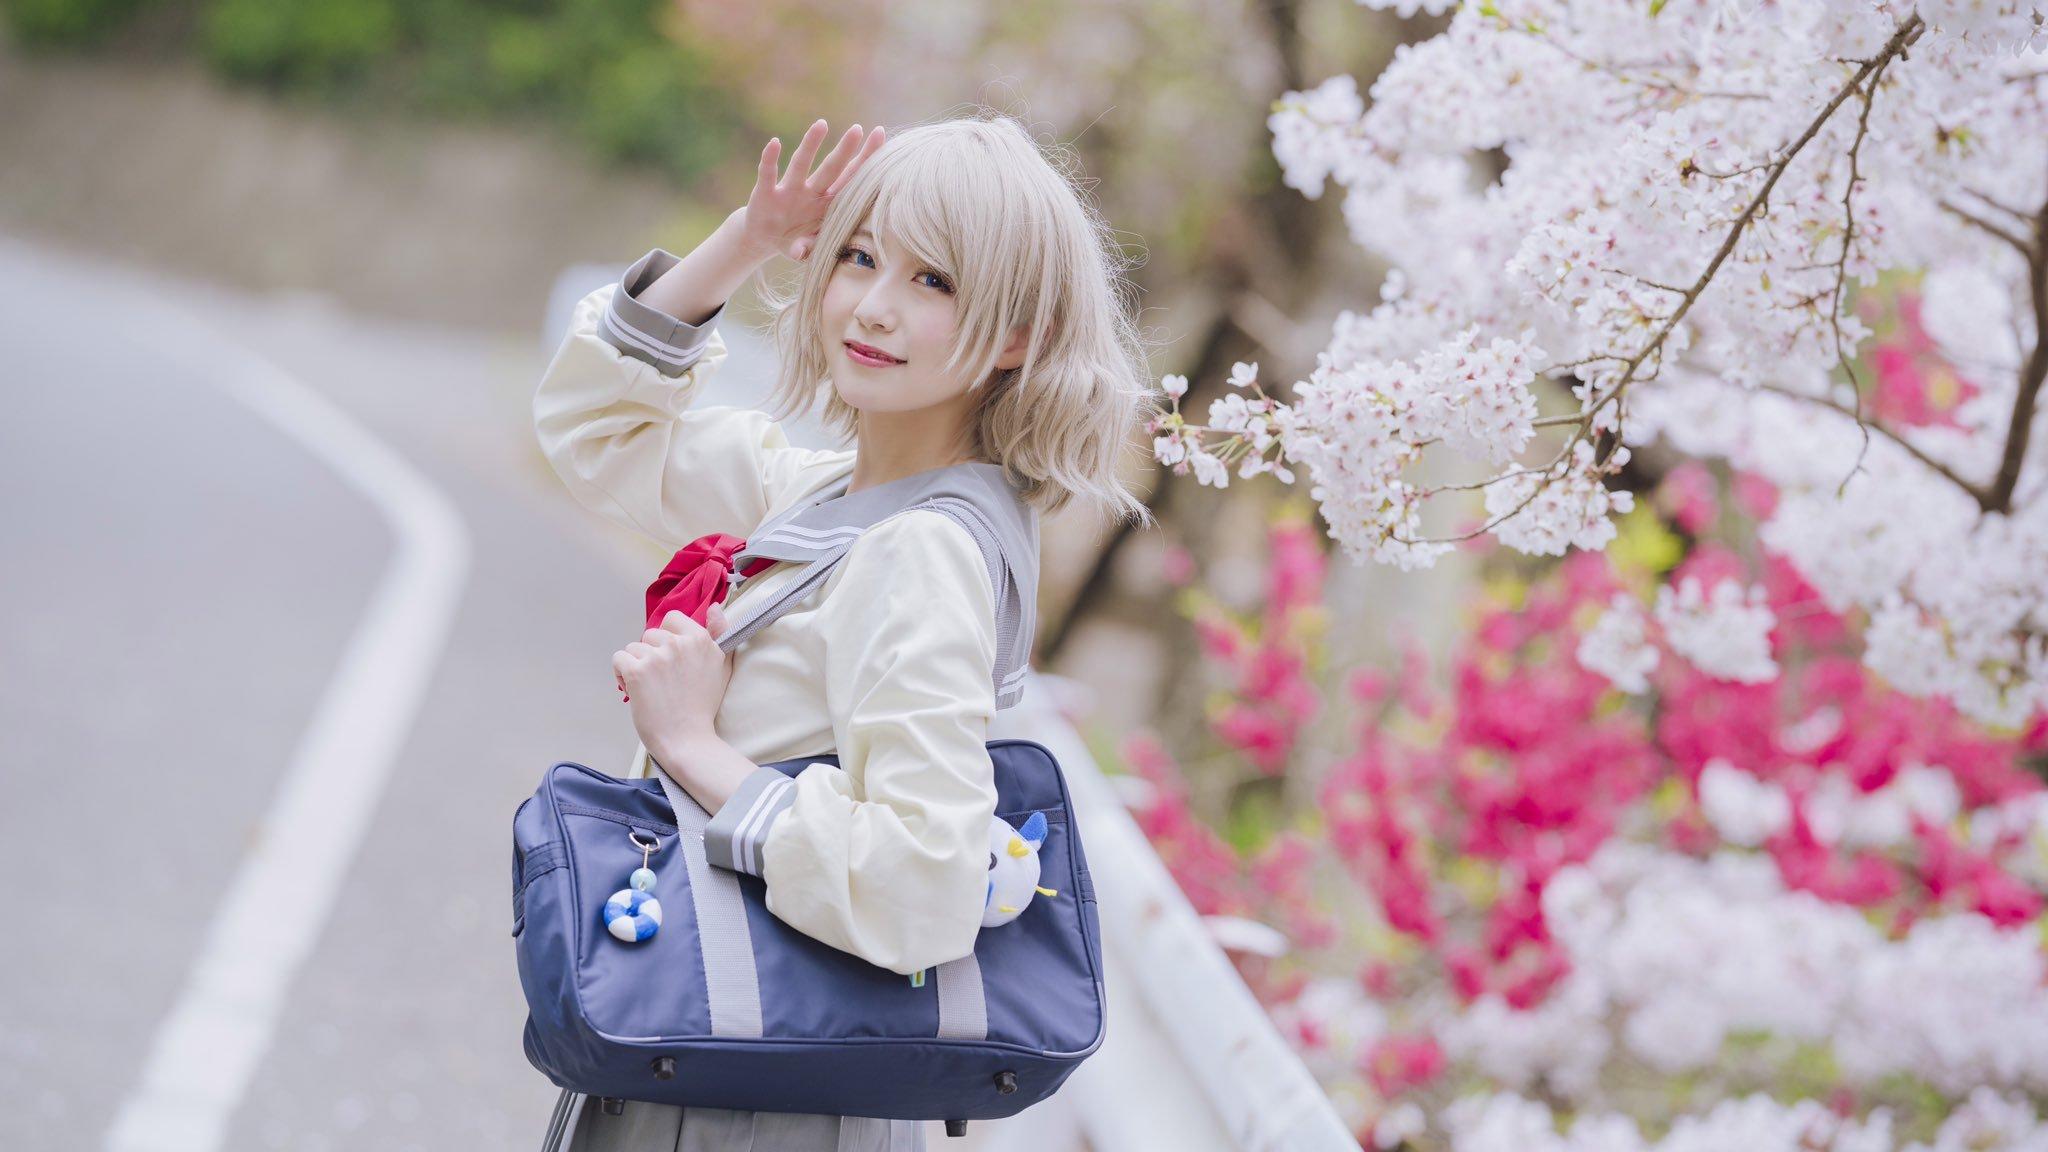 樱花满开 妹子添香-COS精选樱花特辑 动漫漫画 第3张